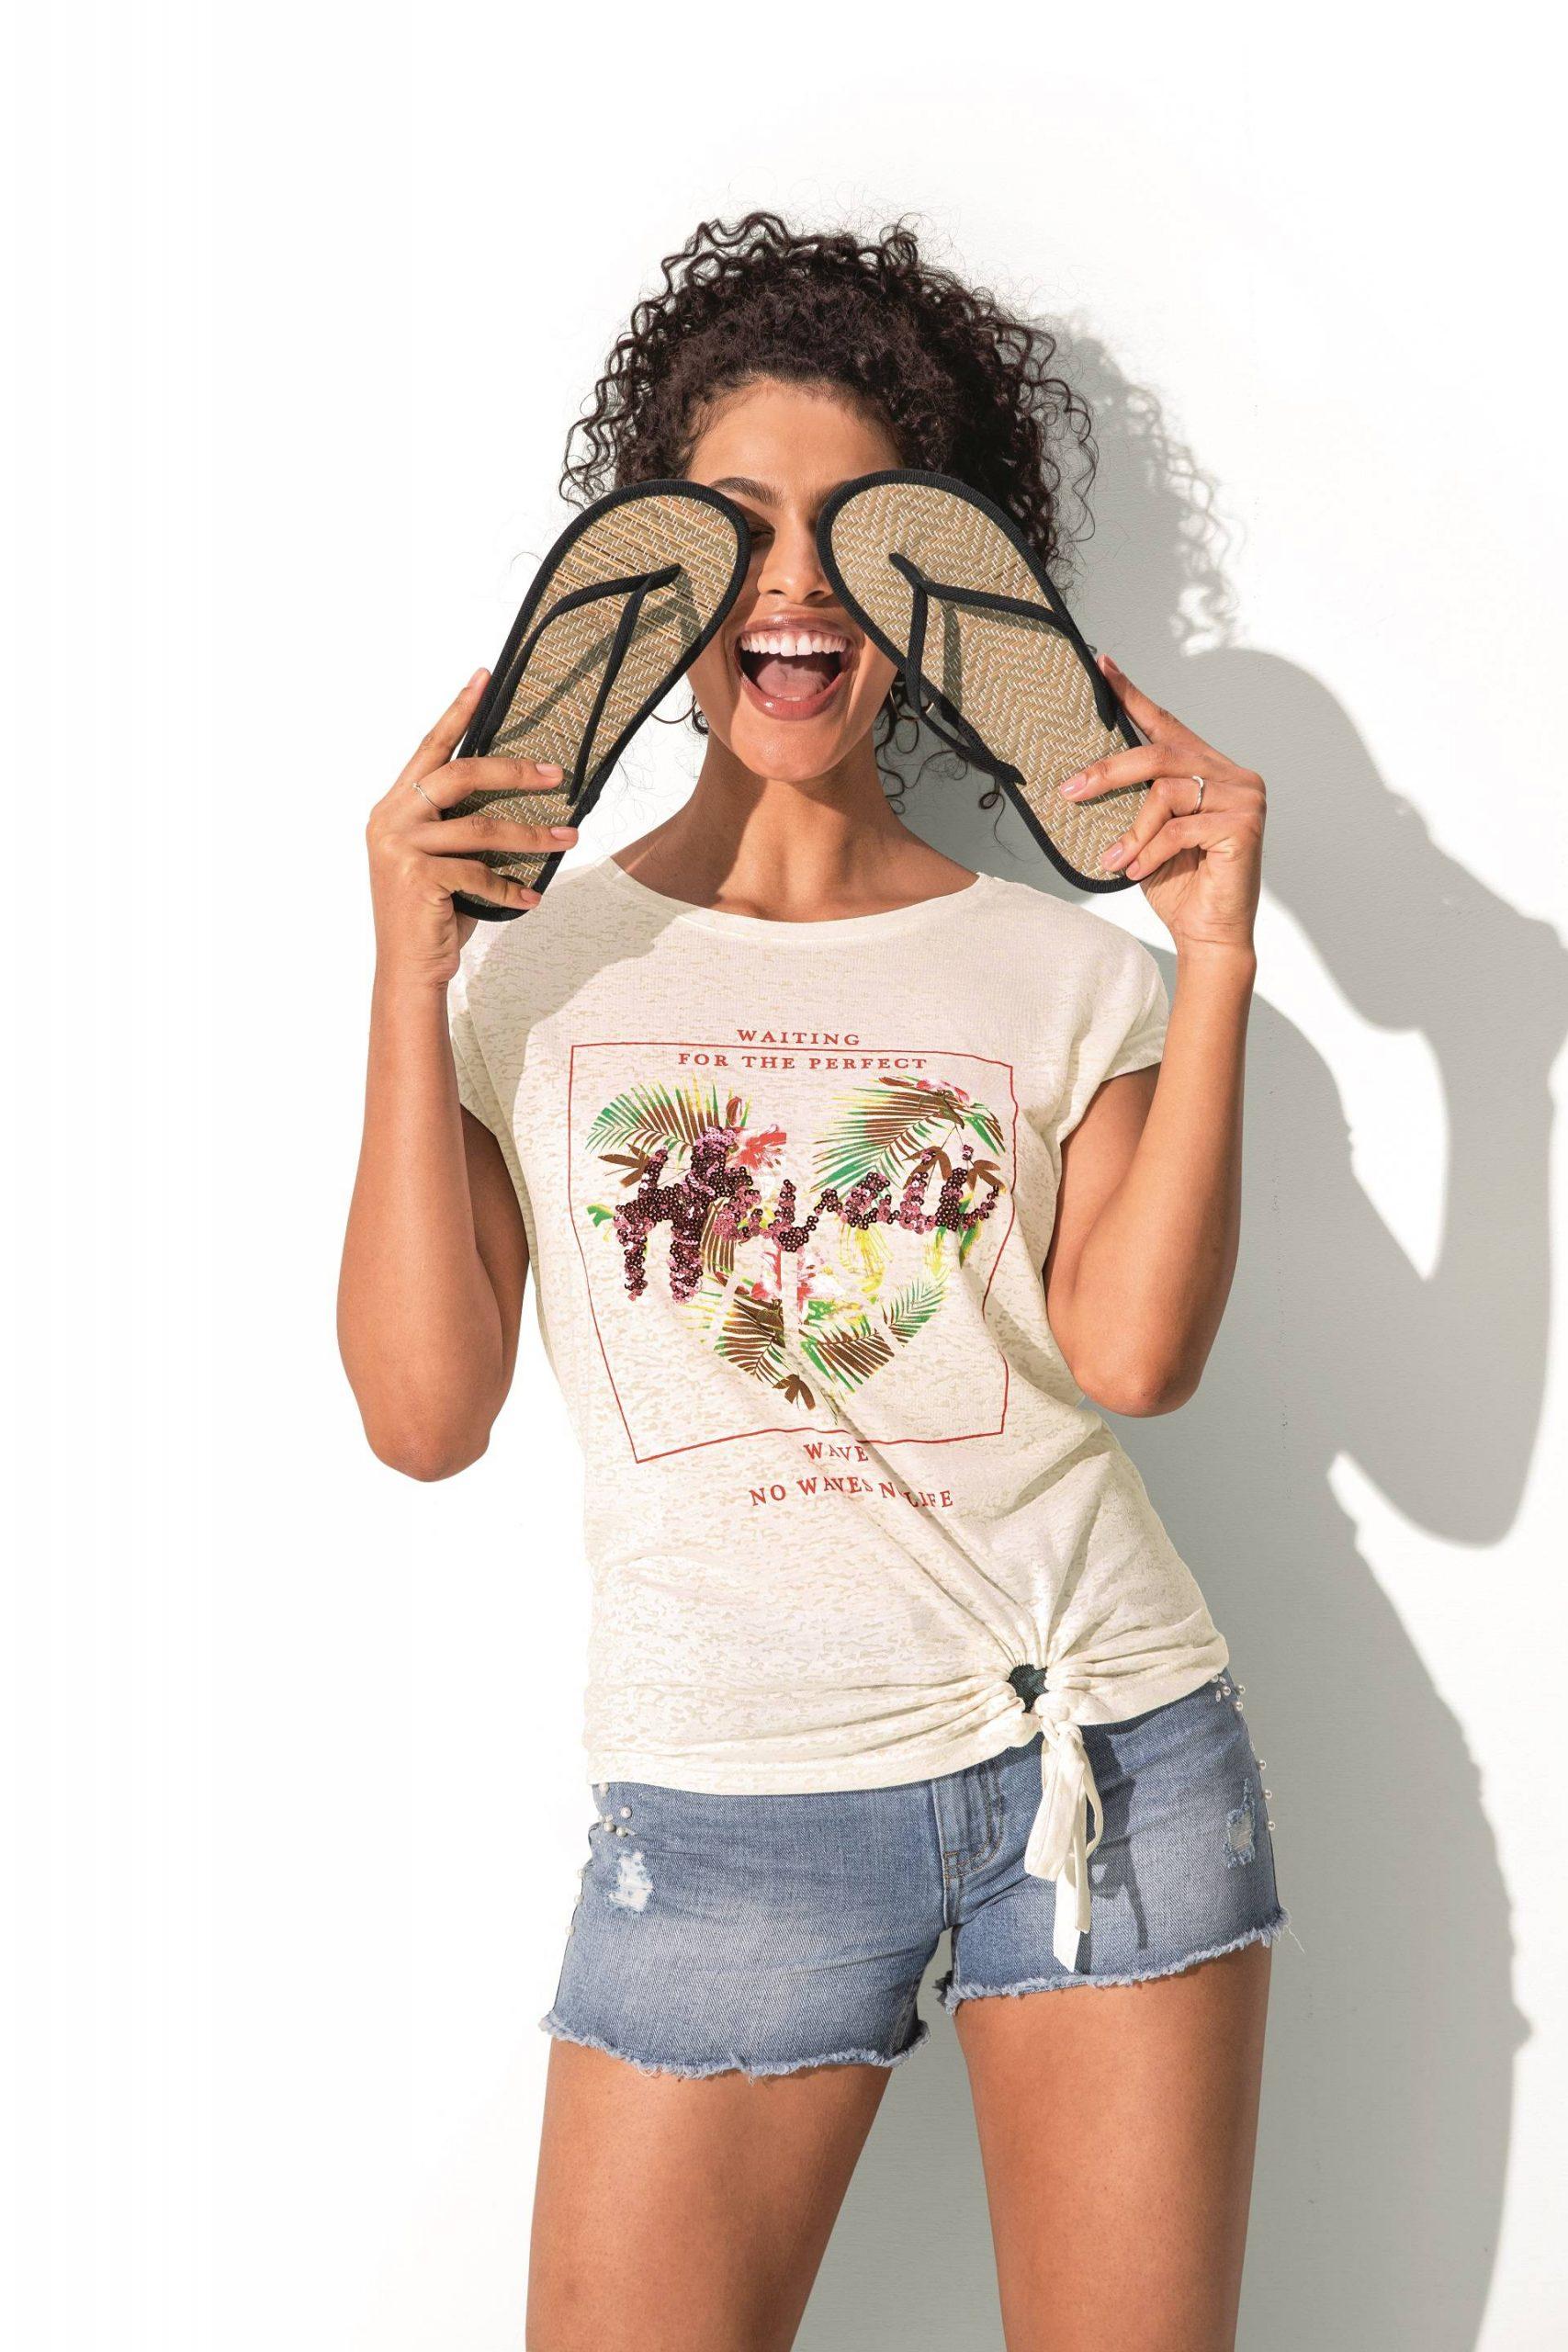 Jeans(L)ove stylizacje bo są takie rzeczy, które nie wychodzą z mody